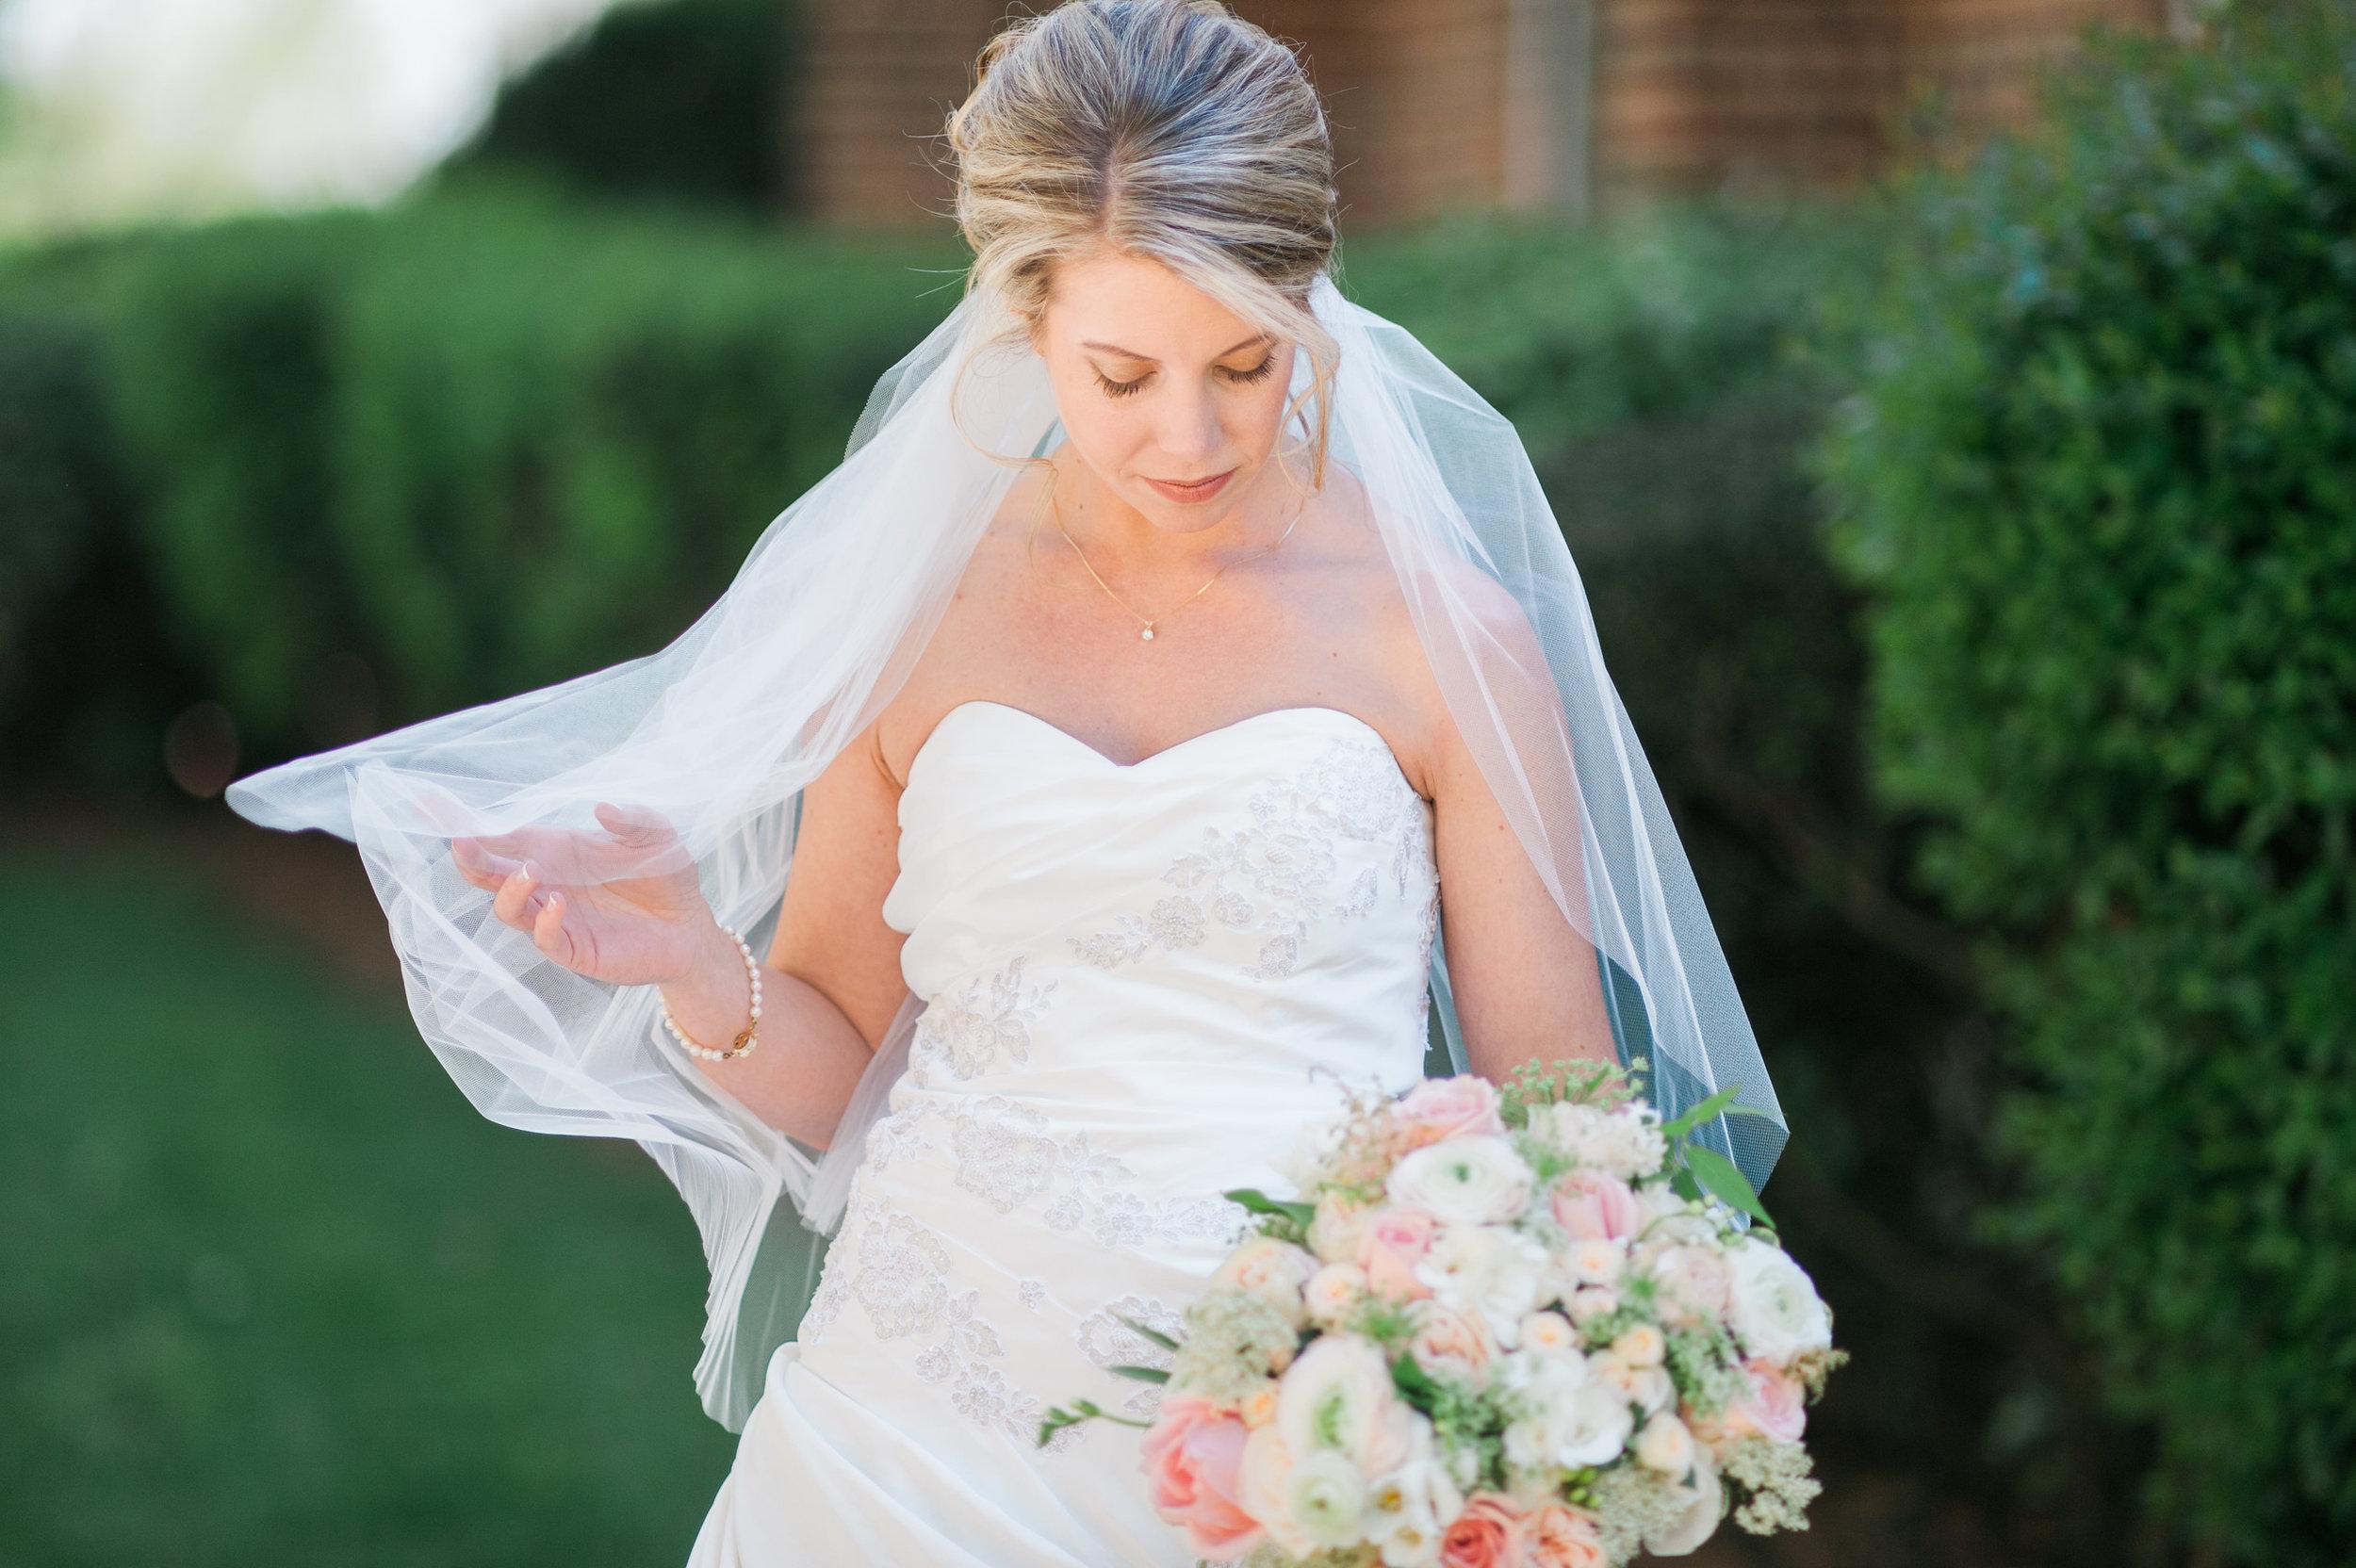 ernst-wedding-147-X5.jpg